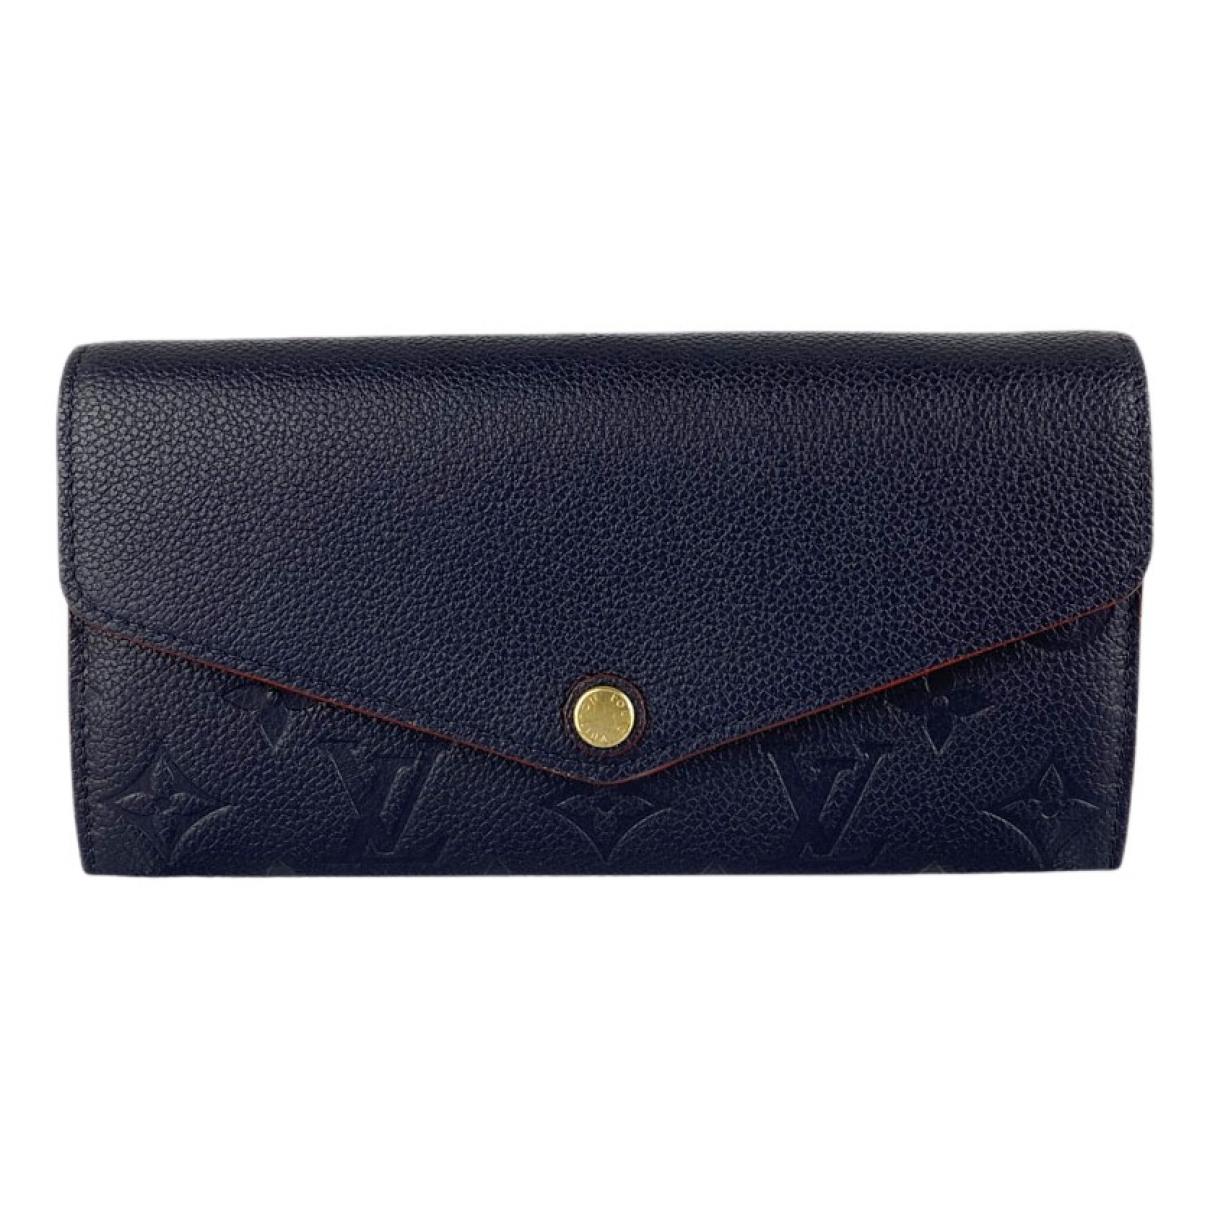 Louis Vuitton - Portefeuille Sarah pour femme en cuir - bleu